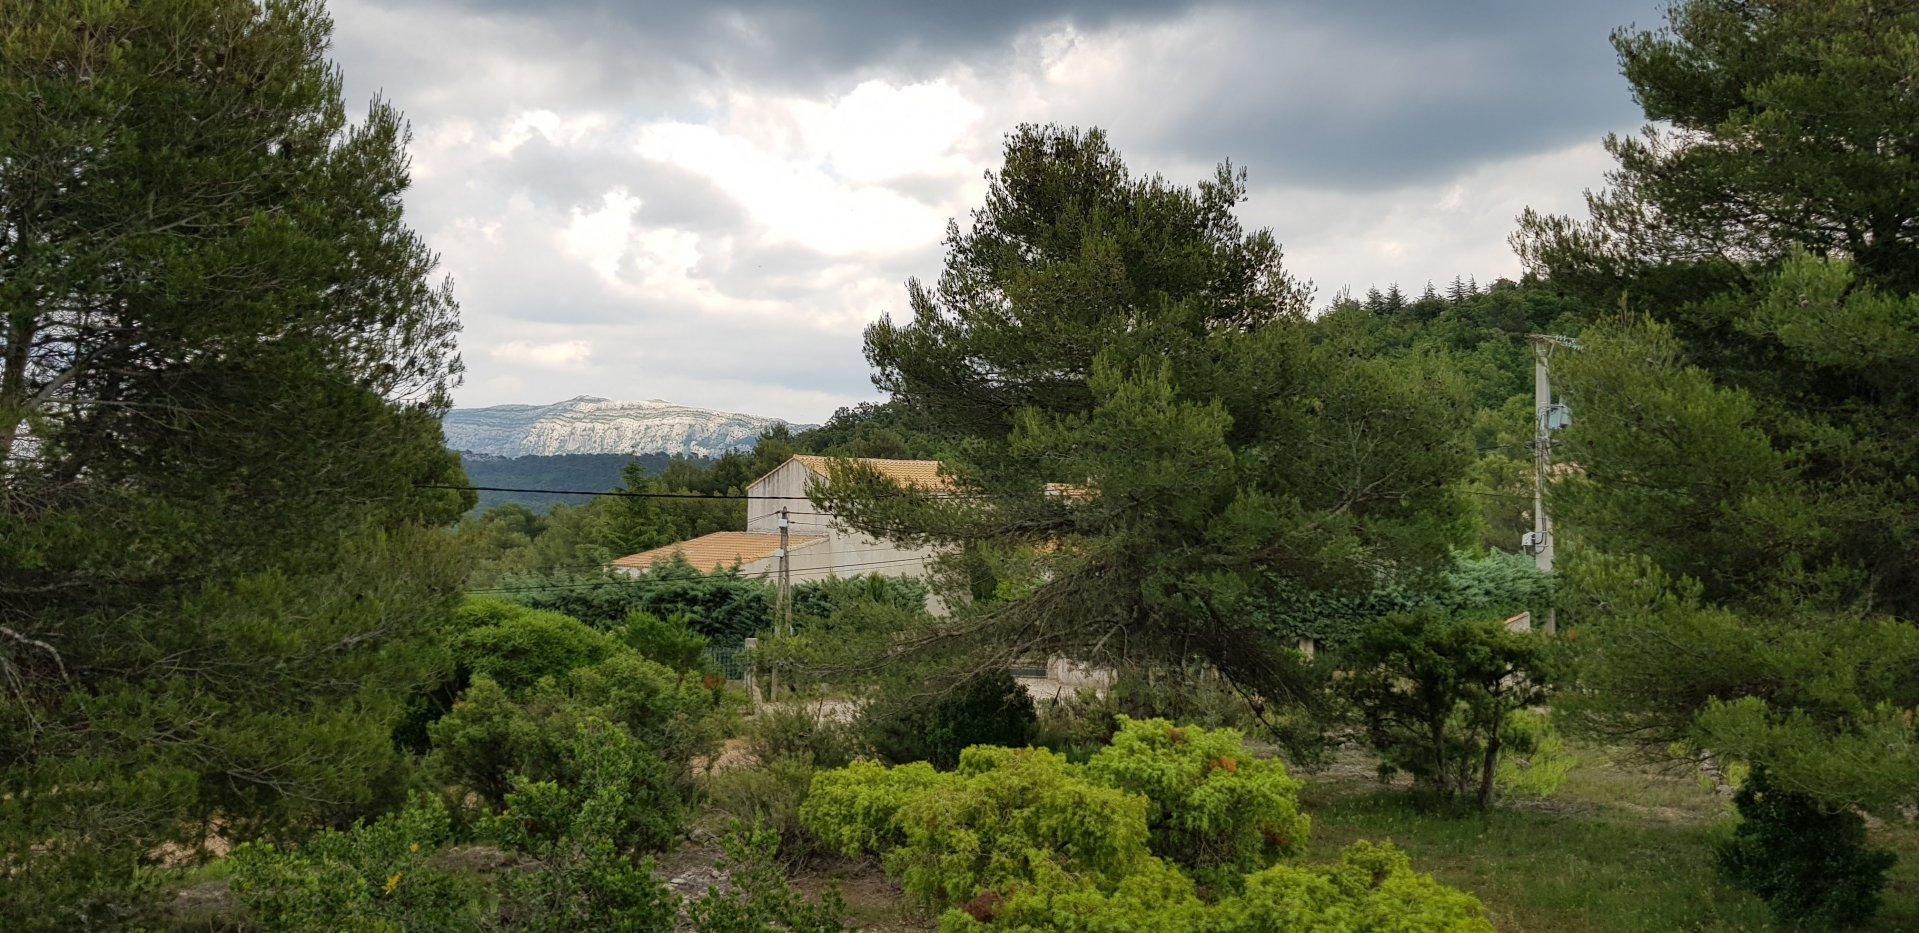 Terrain 1158 m² aux Adrets plein sud vue sur la Sainte baume